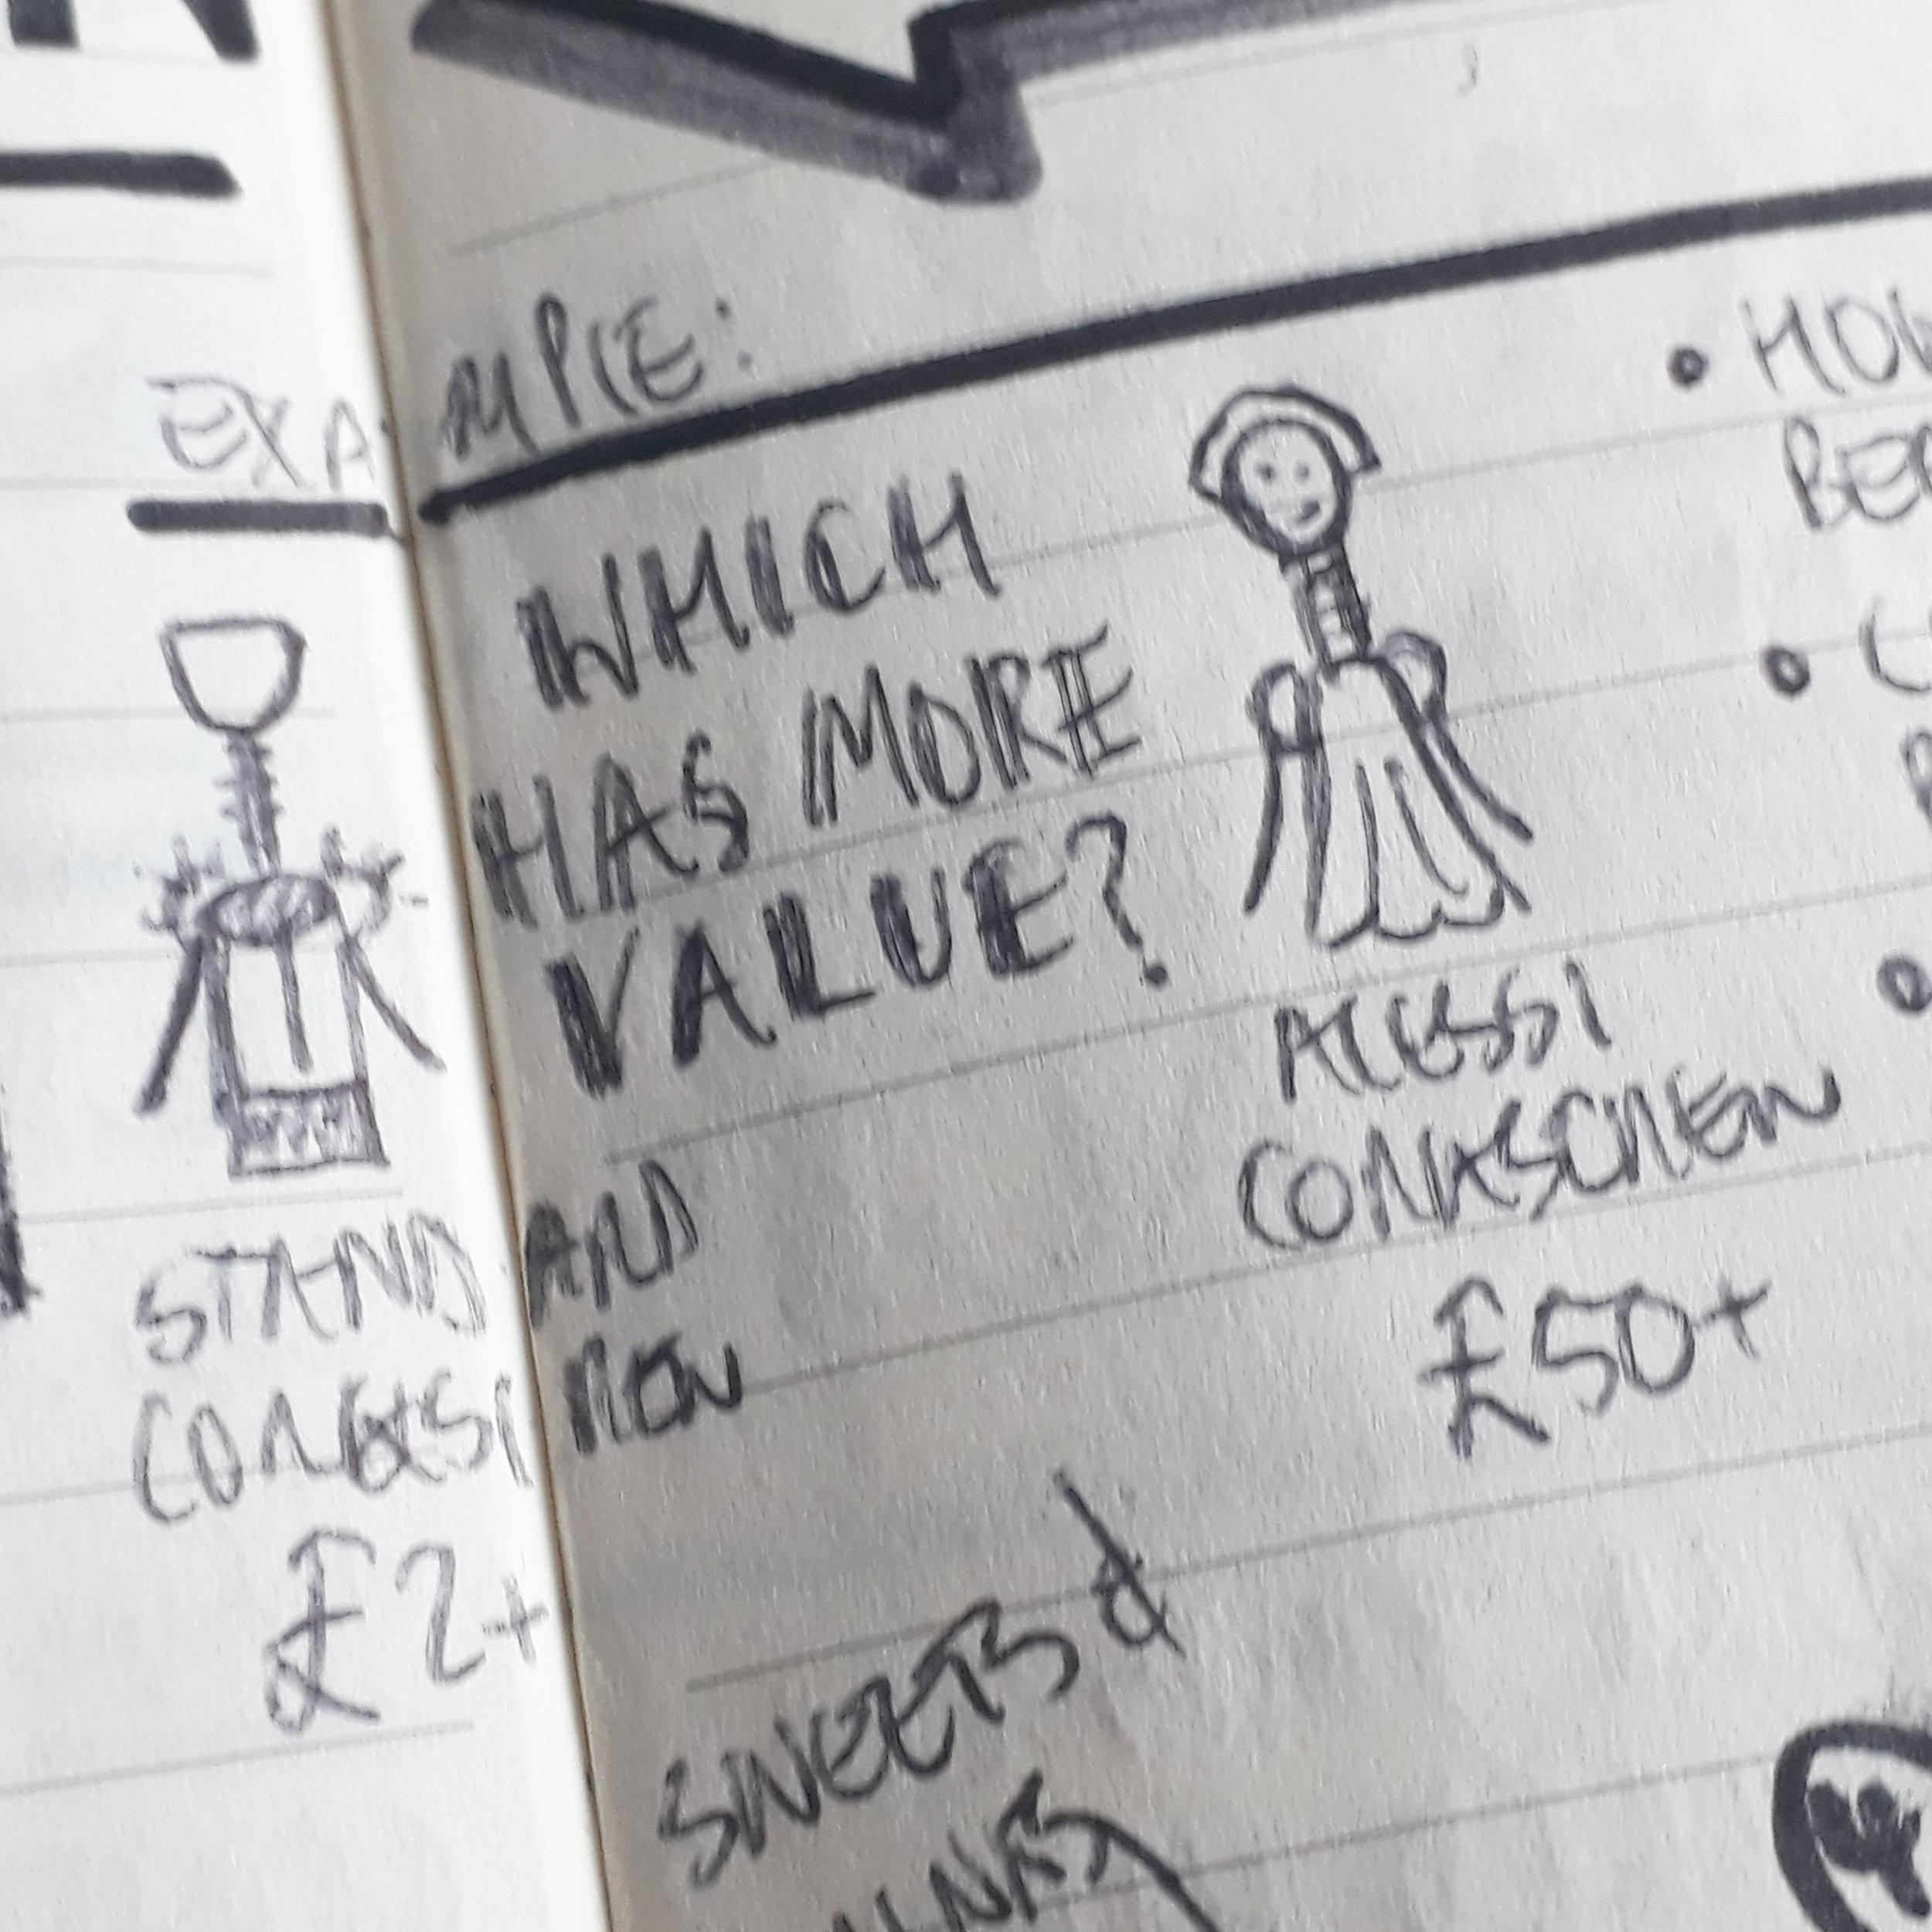 ValueInDesign-Part1.3.jpg